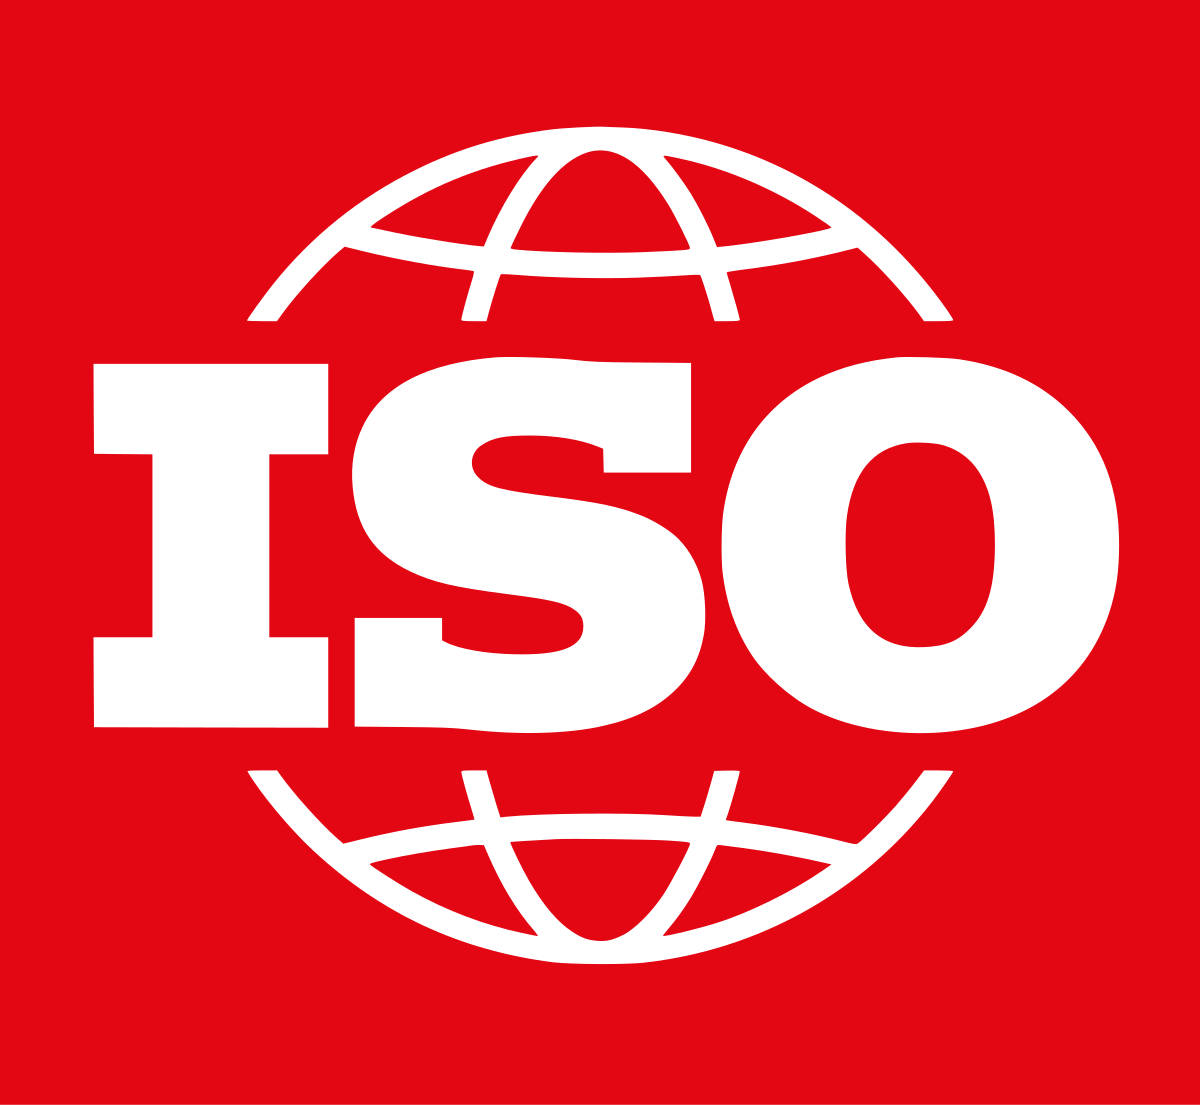 Com presença em mais de 160 países, a International Organization for Standardization tem sede em Genebra, Suiça